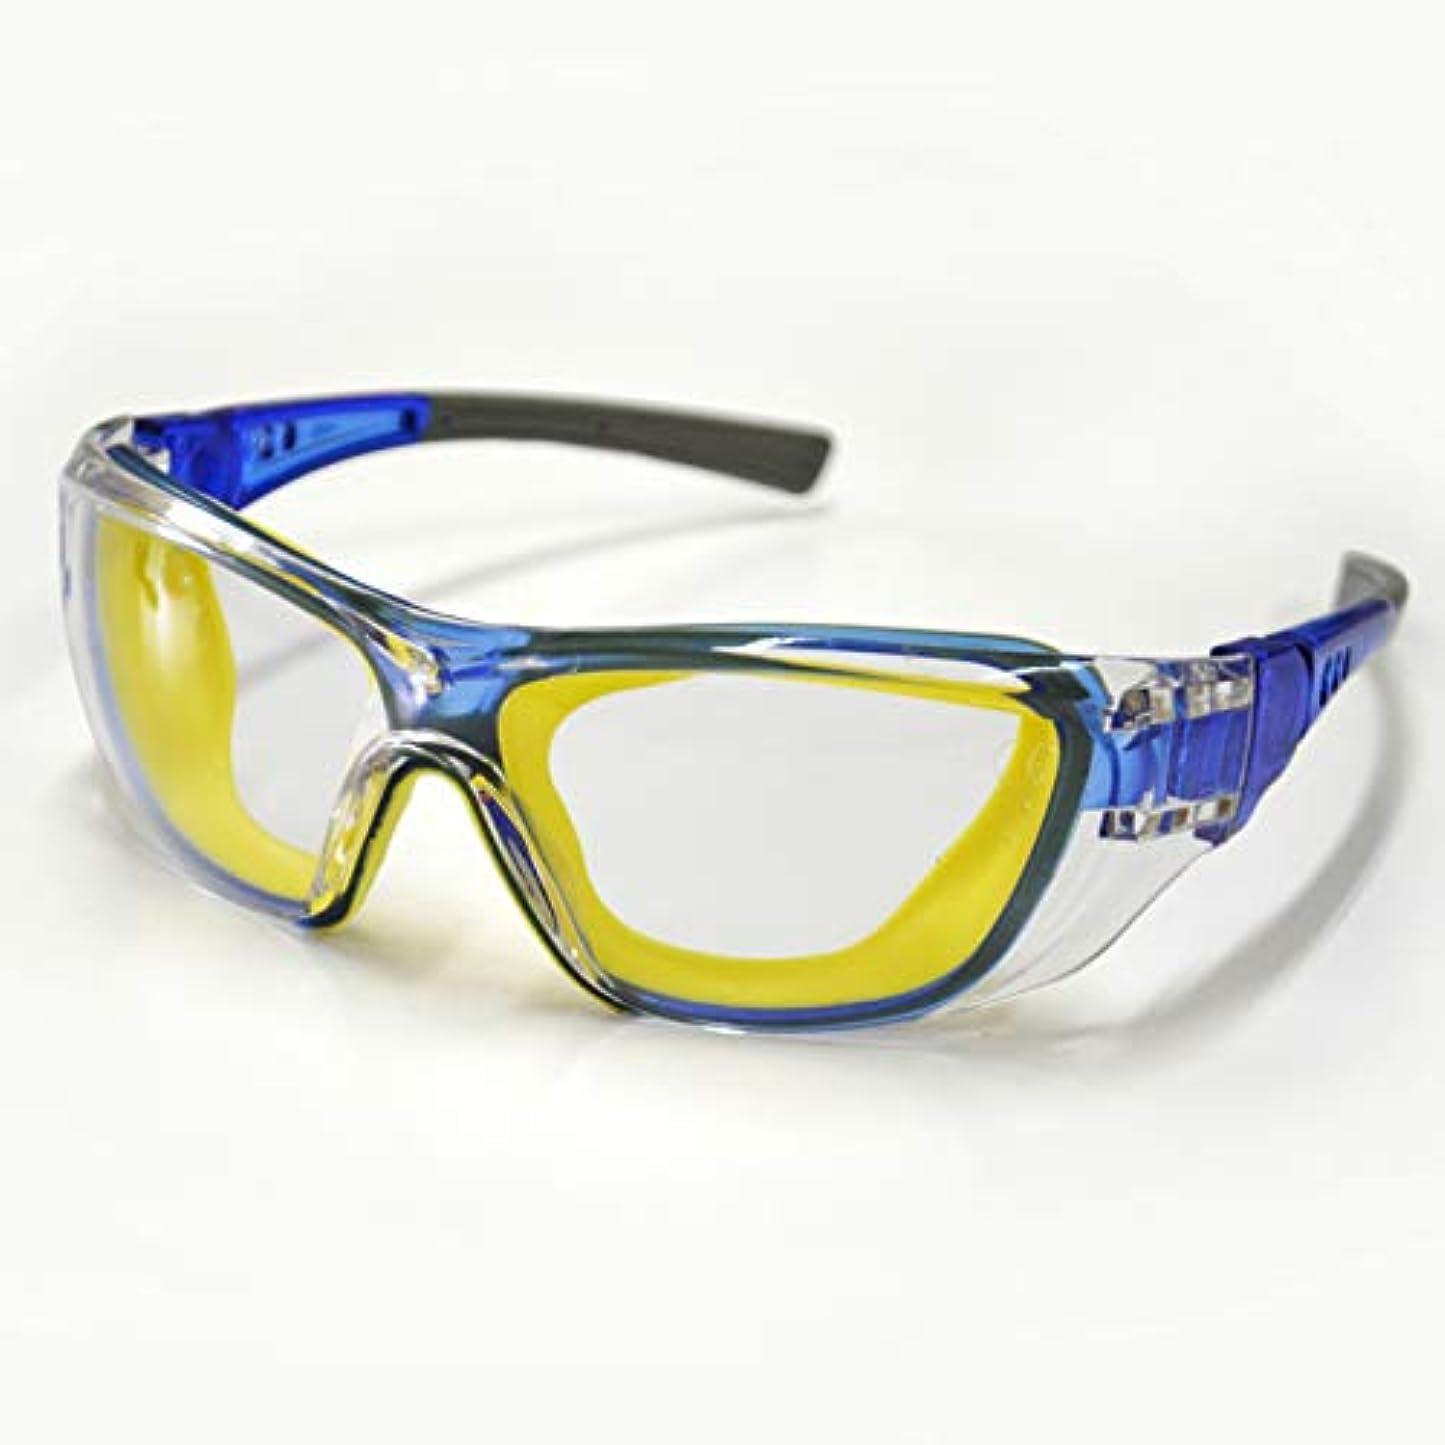 スラム関数処理PLOW チェンソー刈払機用防護メガネ【SGB01】